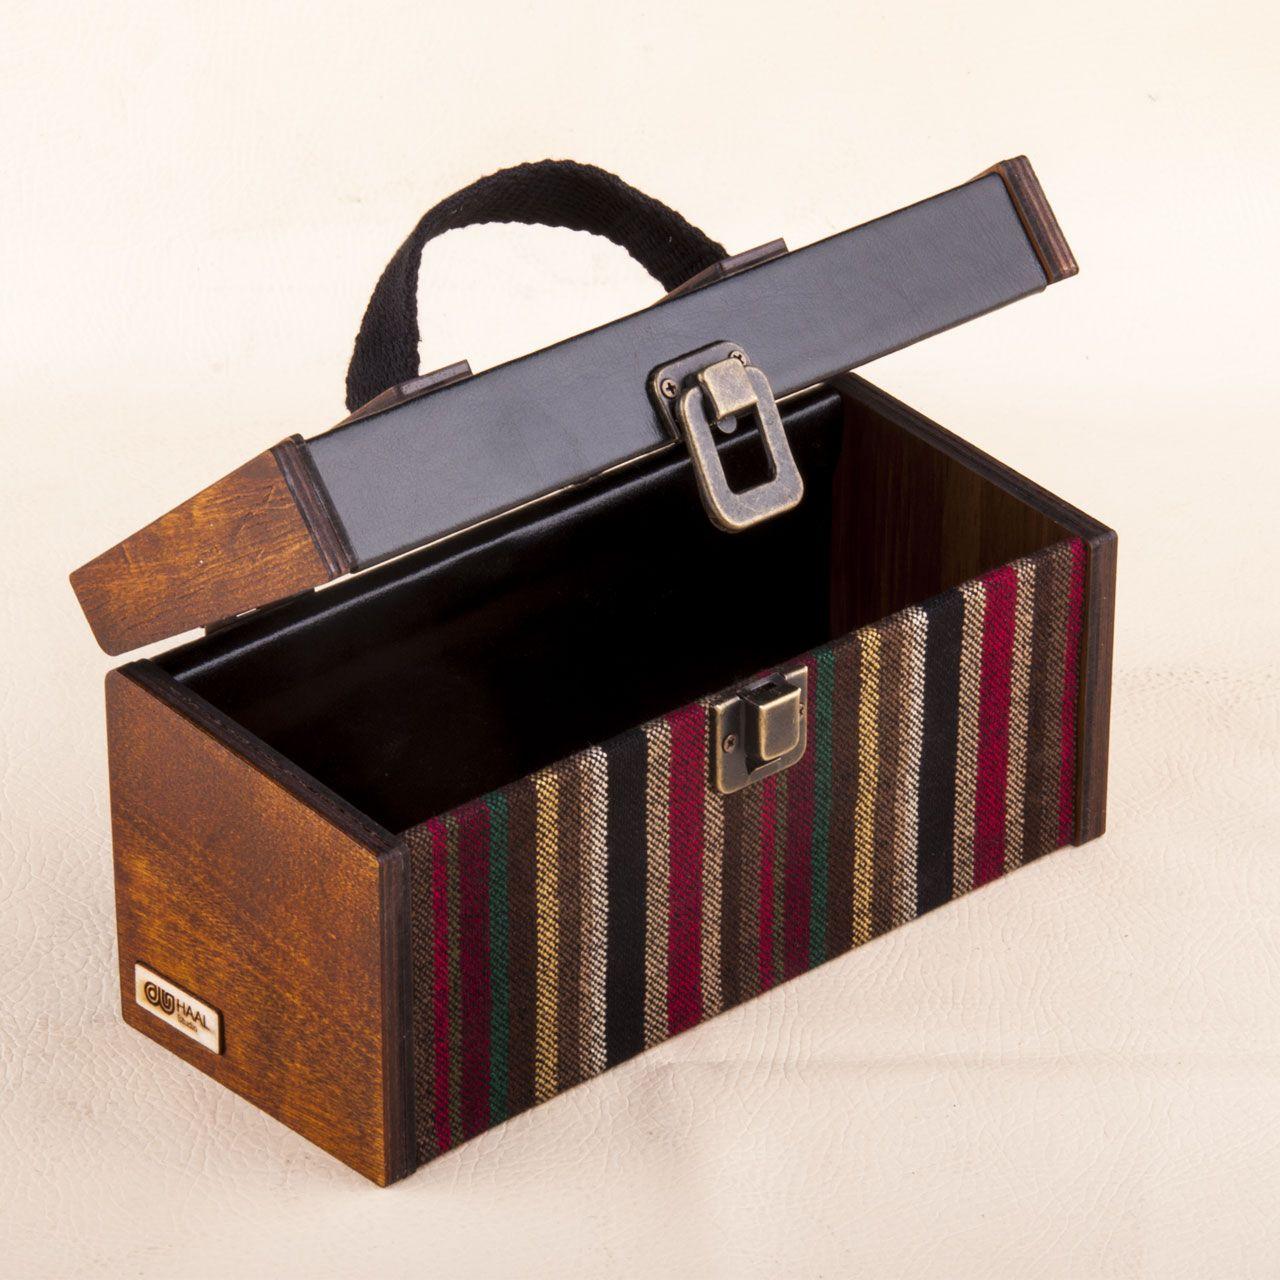 کیف دستی زنانه استودیو حال کد 1221 -  - 4